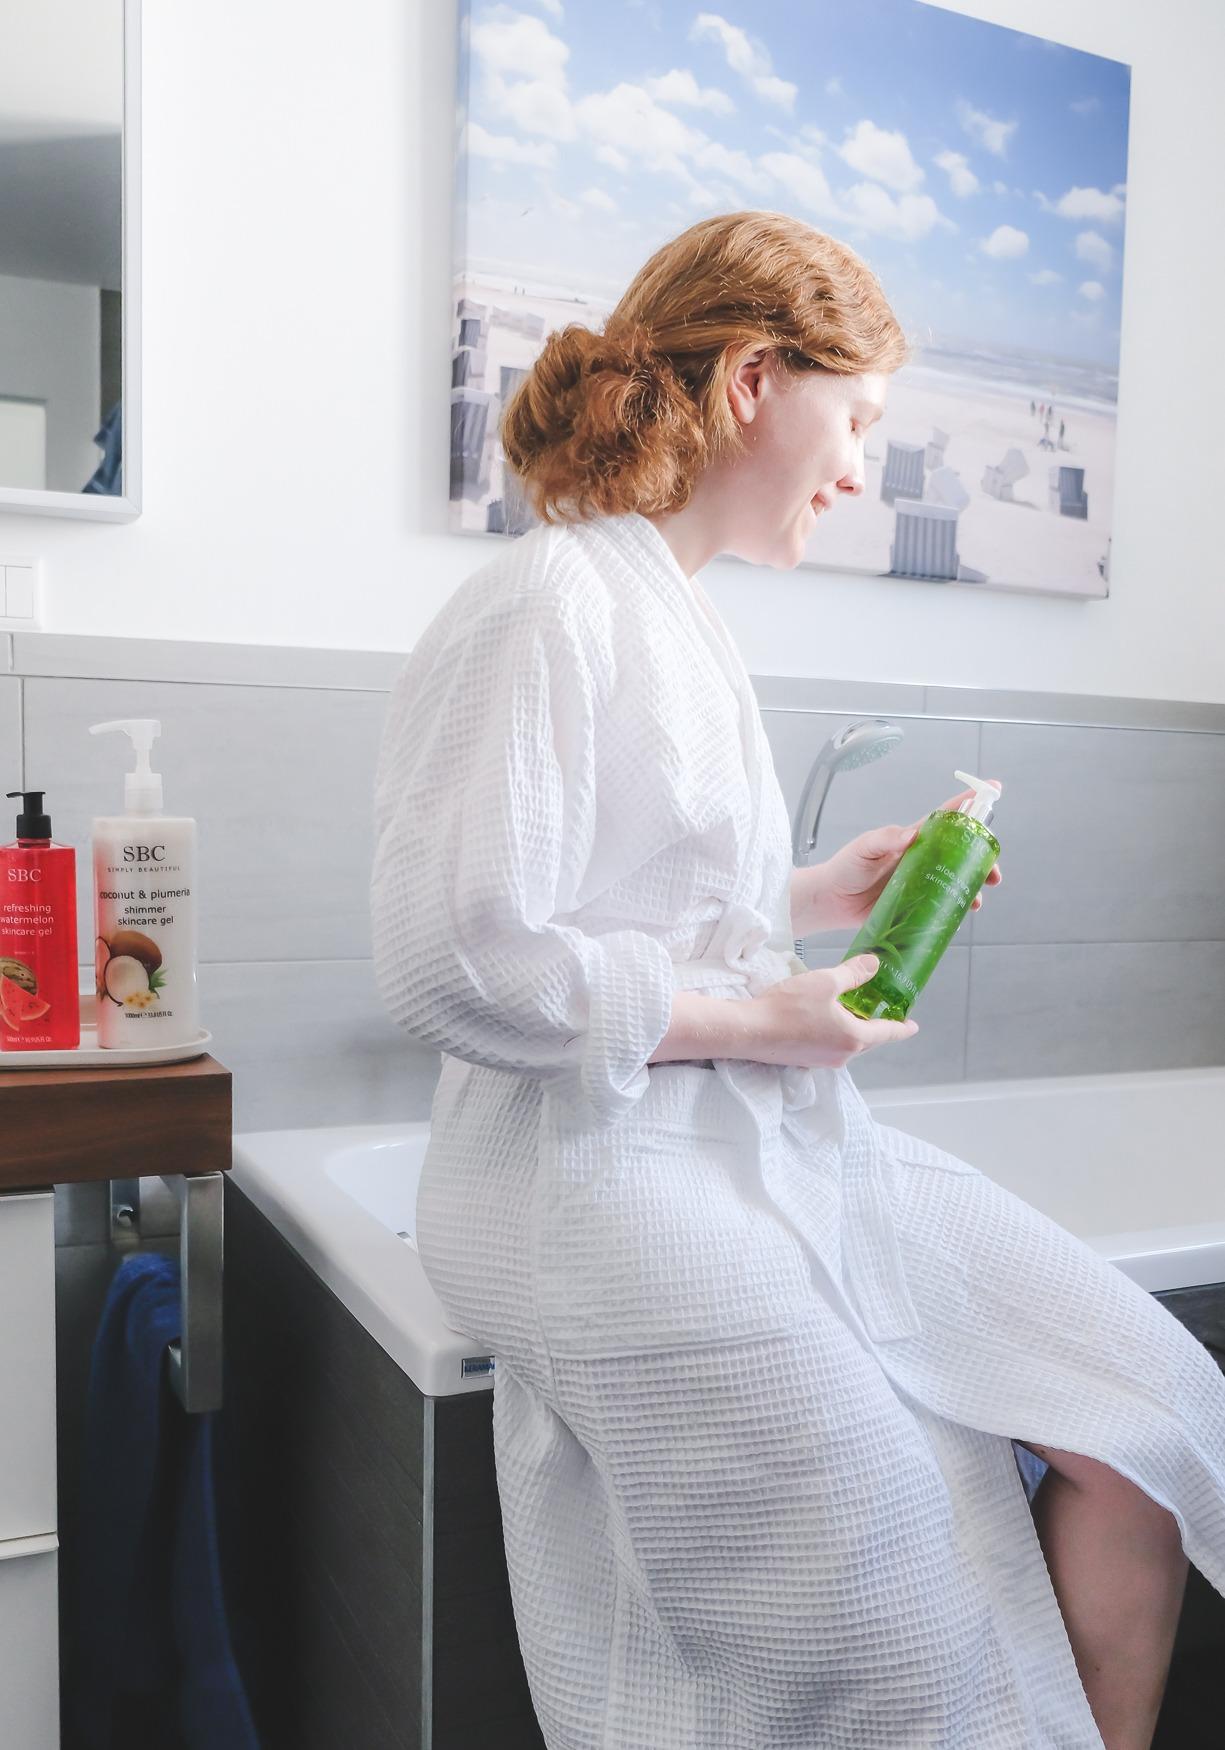 tagesangebot sommerliche sbc skincare gels im set. Black Bedroom Furniture Sets. Home Design Ideas